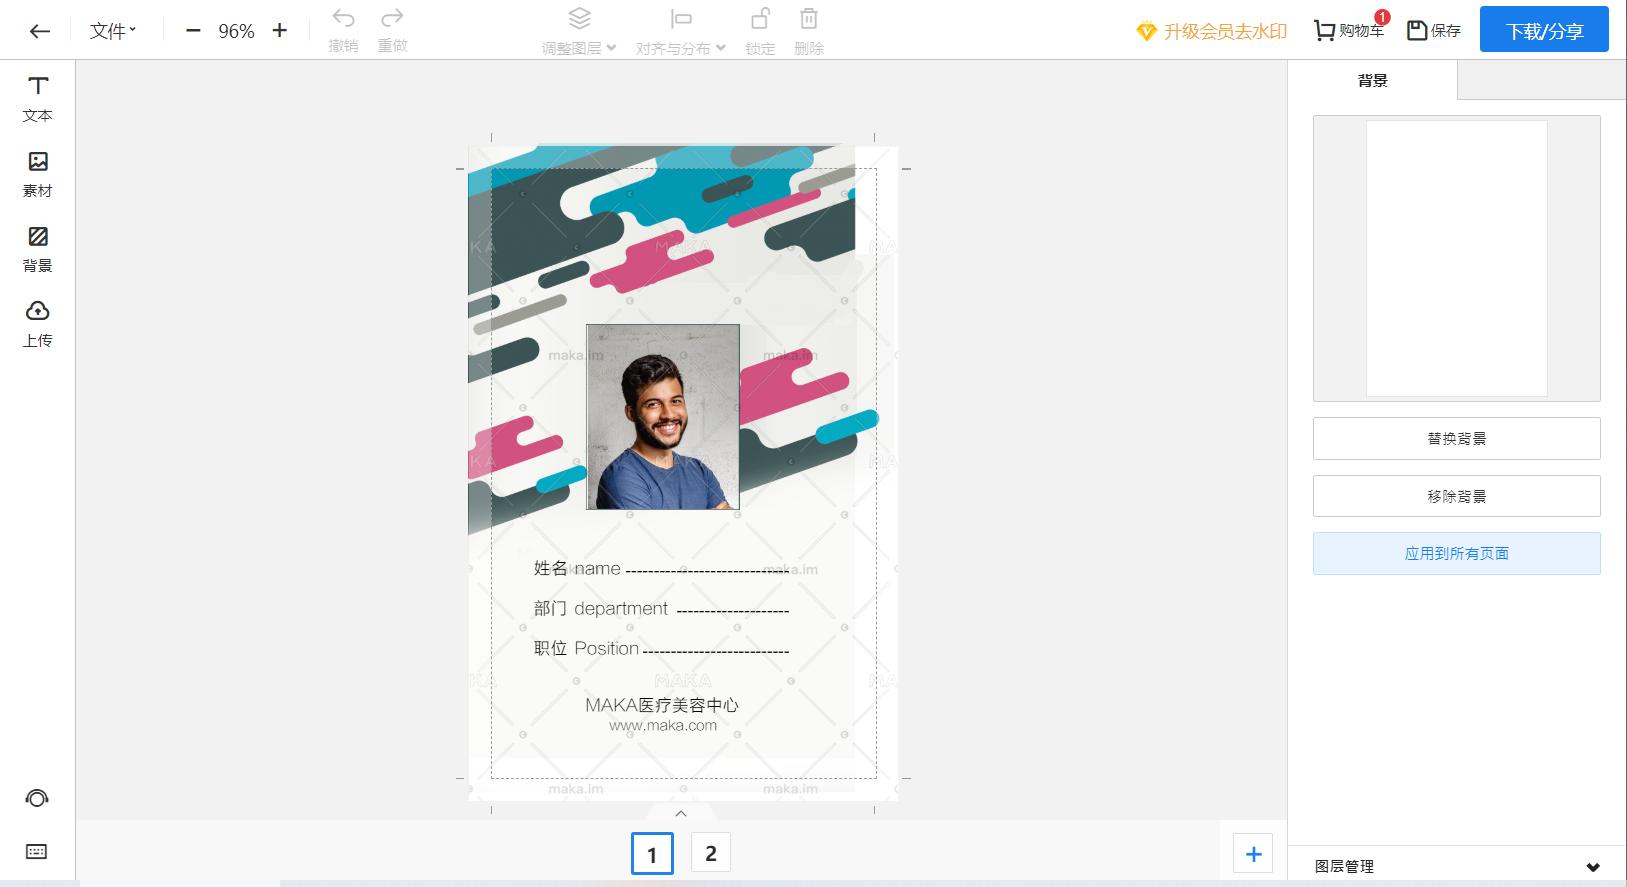 多样的工作证设计图片 看看工作证设计能有多好看